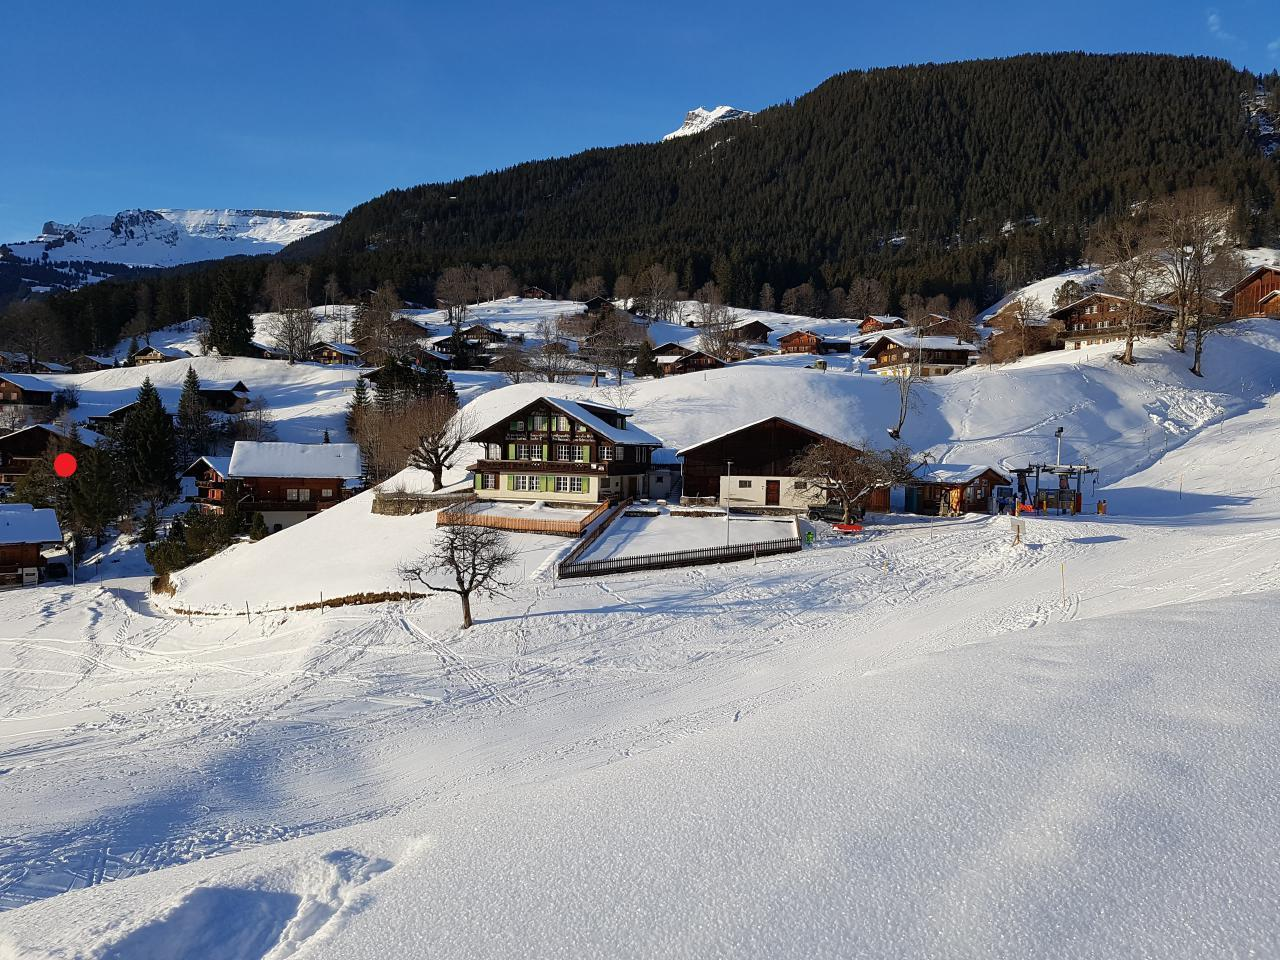 Ferienwohnung Chalet Moosrain 4.5 Zimmer-Wohnung, Eigerblick (788969), Grindelwald, Jungfrauregion, Berner Oberland, Schweiz, Bild 21